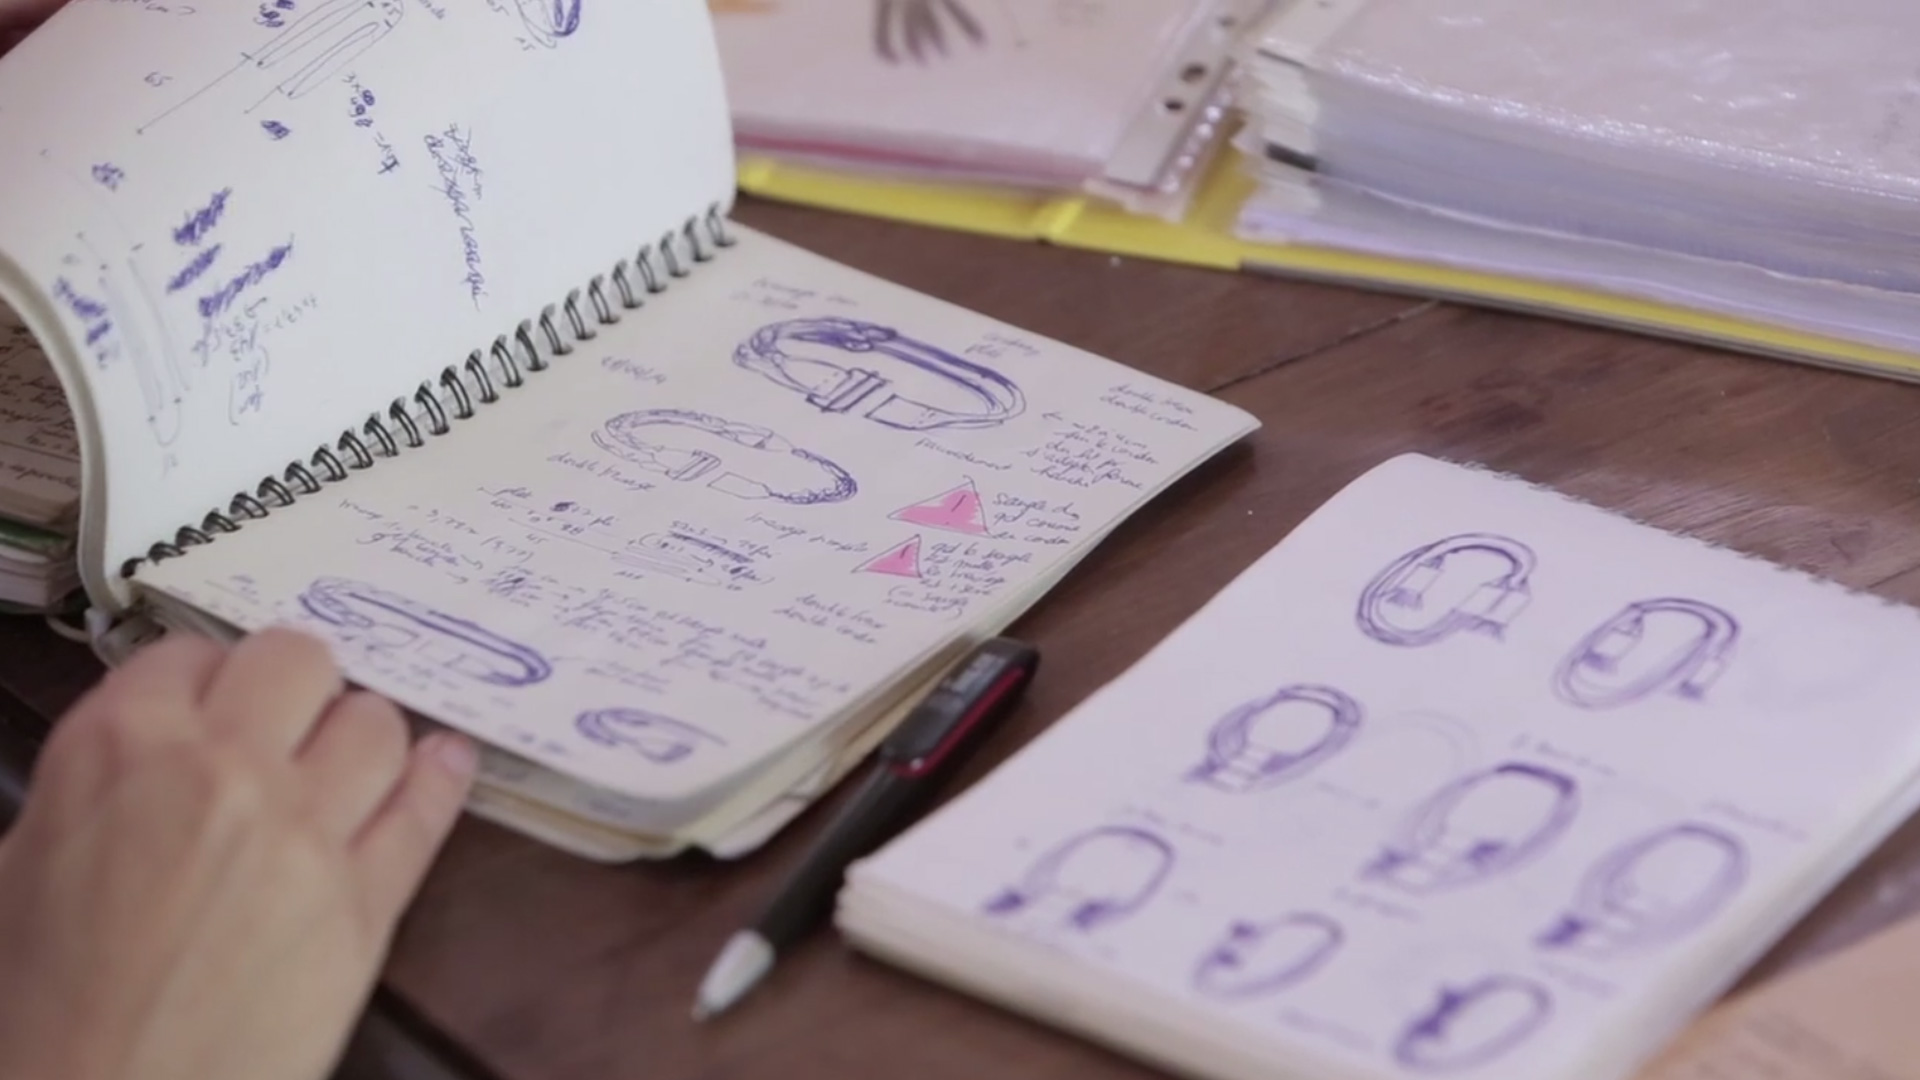 les sketchs - Alinfini